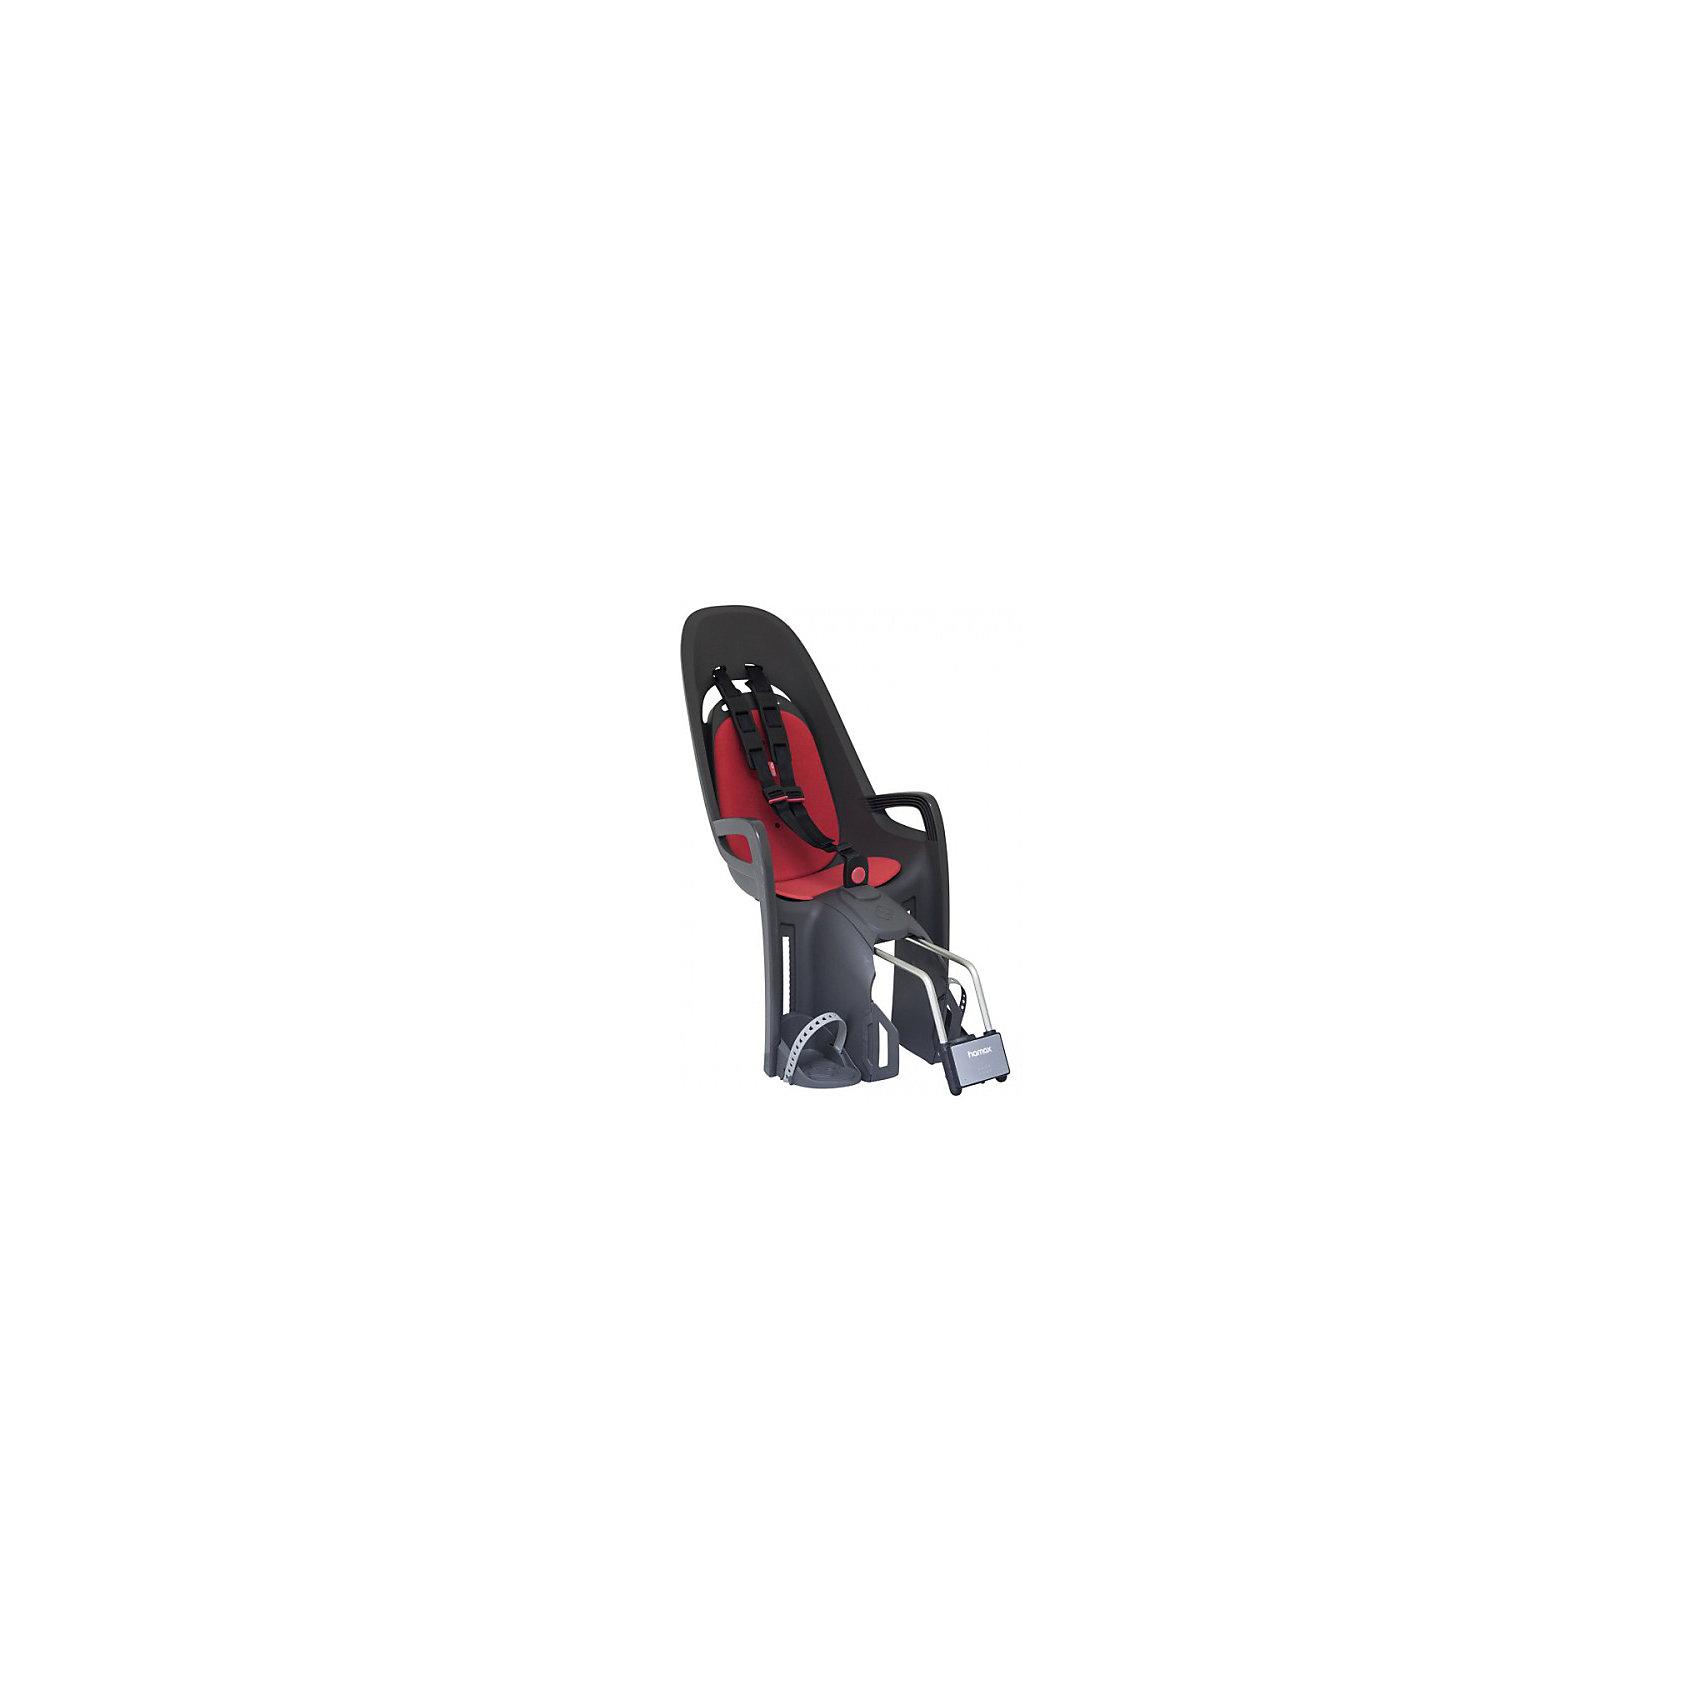 Детское велокресло Caress Zenith, Hamax, серый/красныйАксеcсуары для велосипедов<br>Характеристики товара:<br><br>• цвет: серый, красный<br>• проработанная эргономика кресла для максимально комфортной посадки<br>• 3-точечные ремни безопасности<br>• специальная конструкция пряжек ремней безопасности/фиксации для предотвращения саморастегивания ребенка<br>• простое в использование, полностью соответствующее всем Европейским стандартам безопасности<br>• крепится только  на багажники Hamax (в комплект не входит)<br>• предназначено для детей в возрасте старше 9 месяцев и весом до 22 кг<br>• регулируемый ремень безопасности и подножки<br>• встроенные отражатели для улучшения видимости кресла<br>• мягкие плечевые пряжки ремней<br>• велокресло сертифицировано по: T?V / GS EN14344<br>• вес: 3500гр.<br>• размер: 37х80х34см<br><br>Мягкие пряжки для фиксации ребенка в кресле очень легкие и комфортные, но при этом обеспечивают надежную фиксацию ребенка в велокресле.<br><br>Эргономика велокресла рассчитана так что спинка кресла не будет мешать голове ребенка в моменты когда он хочет откинуться назад кресла в шлеме.<br><br>Механизмы регулировки застежек позволяют комфортно отрегулировать их вместе с ростом ребенка.<br><br>Все детские велосидения Hamax растут вместе с ребенком!  Регулируемые ремень безопасности и подножки.<br><br>Детское сиденье для велосипеда очень легко крепится и освобождается от велосипеда. Приобретая дополнительный кронштейн, вы можете легко переставлять детское сиденье с одного велосипеда на другой.<br><br>Не забудьте: ребенок должен всегда носить шлем при использовании детского сиденья.<br><br>Детское велокресло Caress Zenith, Hamax, серый/красный можно купить в нашем интернет-магазине.<br><br>Ширина мм: 370<br>Глубина мм: 800<br>Высота мм: 340<br>Вес г: 3500<br>Возраст от месяцев: 9<br>Возраст до месяцев: 48<br>Пол: Унисекс<br>Возраст: Детский<br>SKU: 5582616